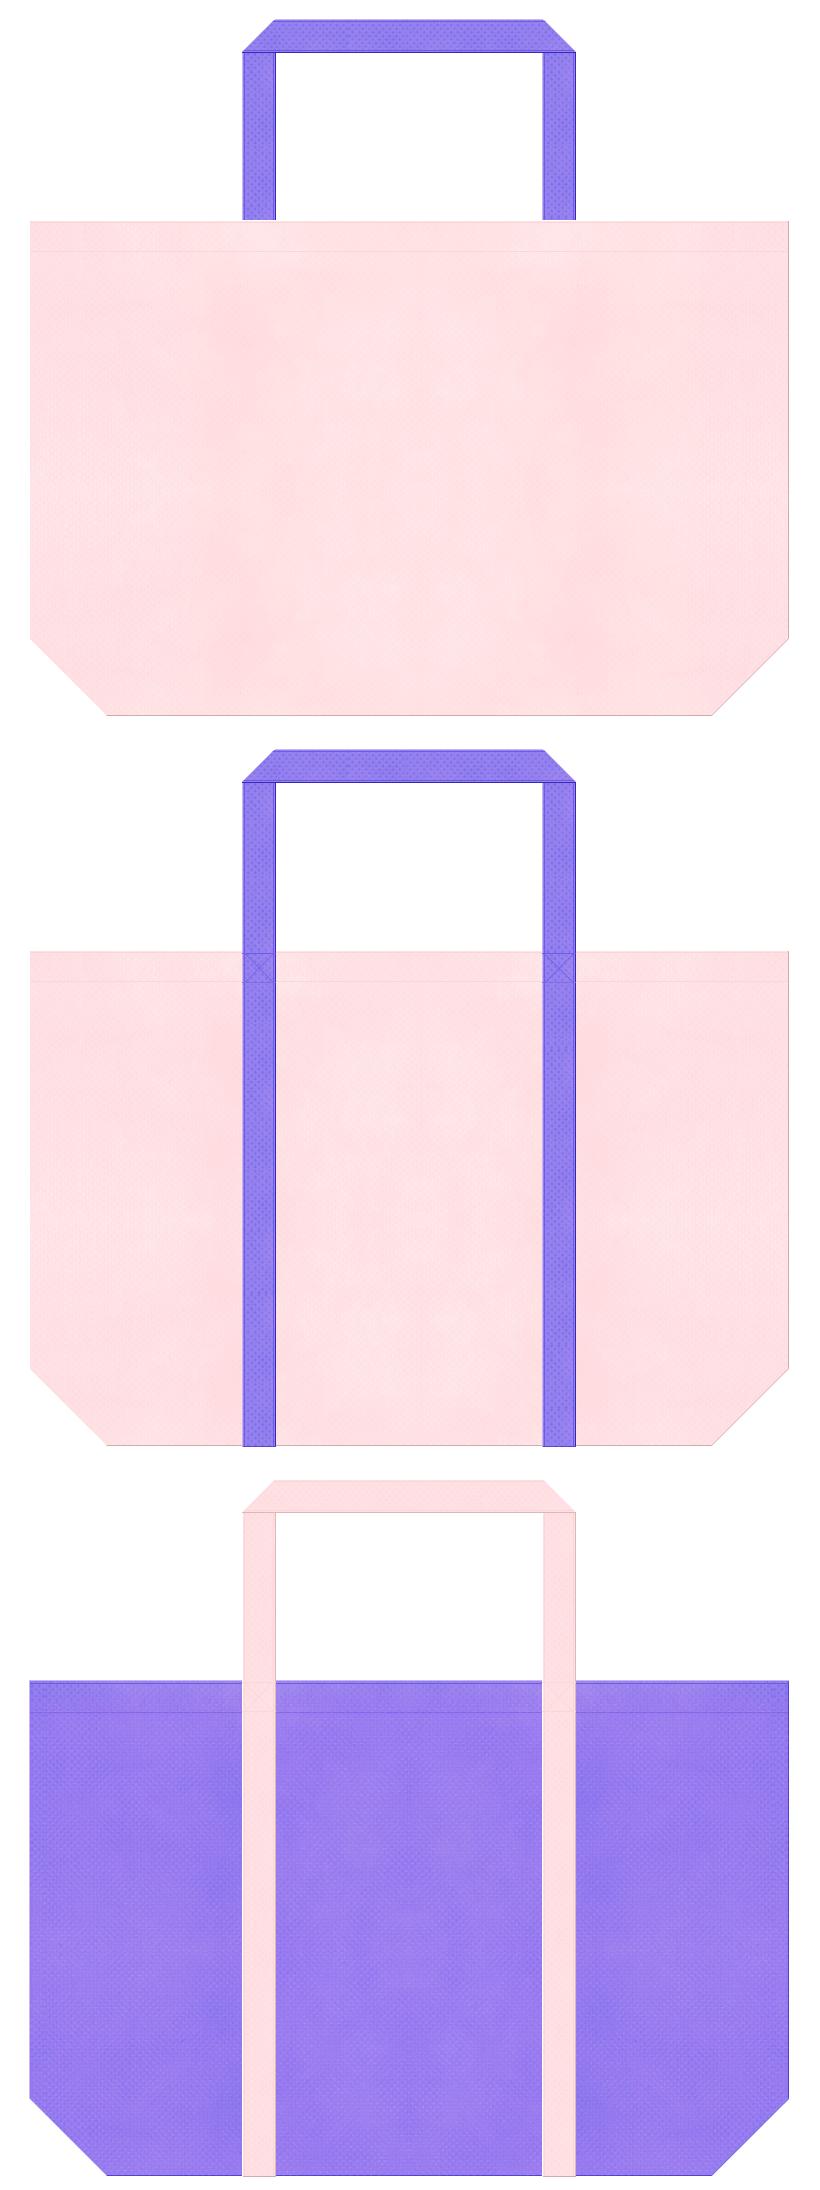 保育・福祉・介護・医療・ドリーミー・プリティー・ファンシー・プリンセス・マーメイド・パステルカラー・ガーリーデザインにお奨めの不織布バッグデザイン:桜色と薄紫色のコーデ